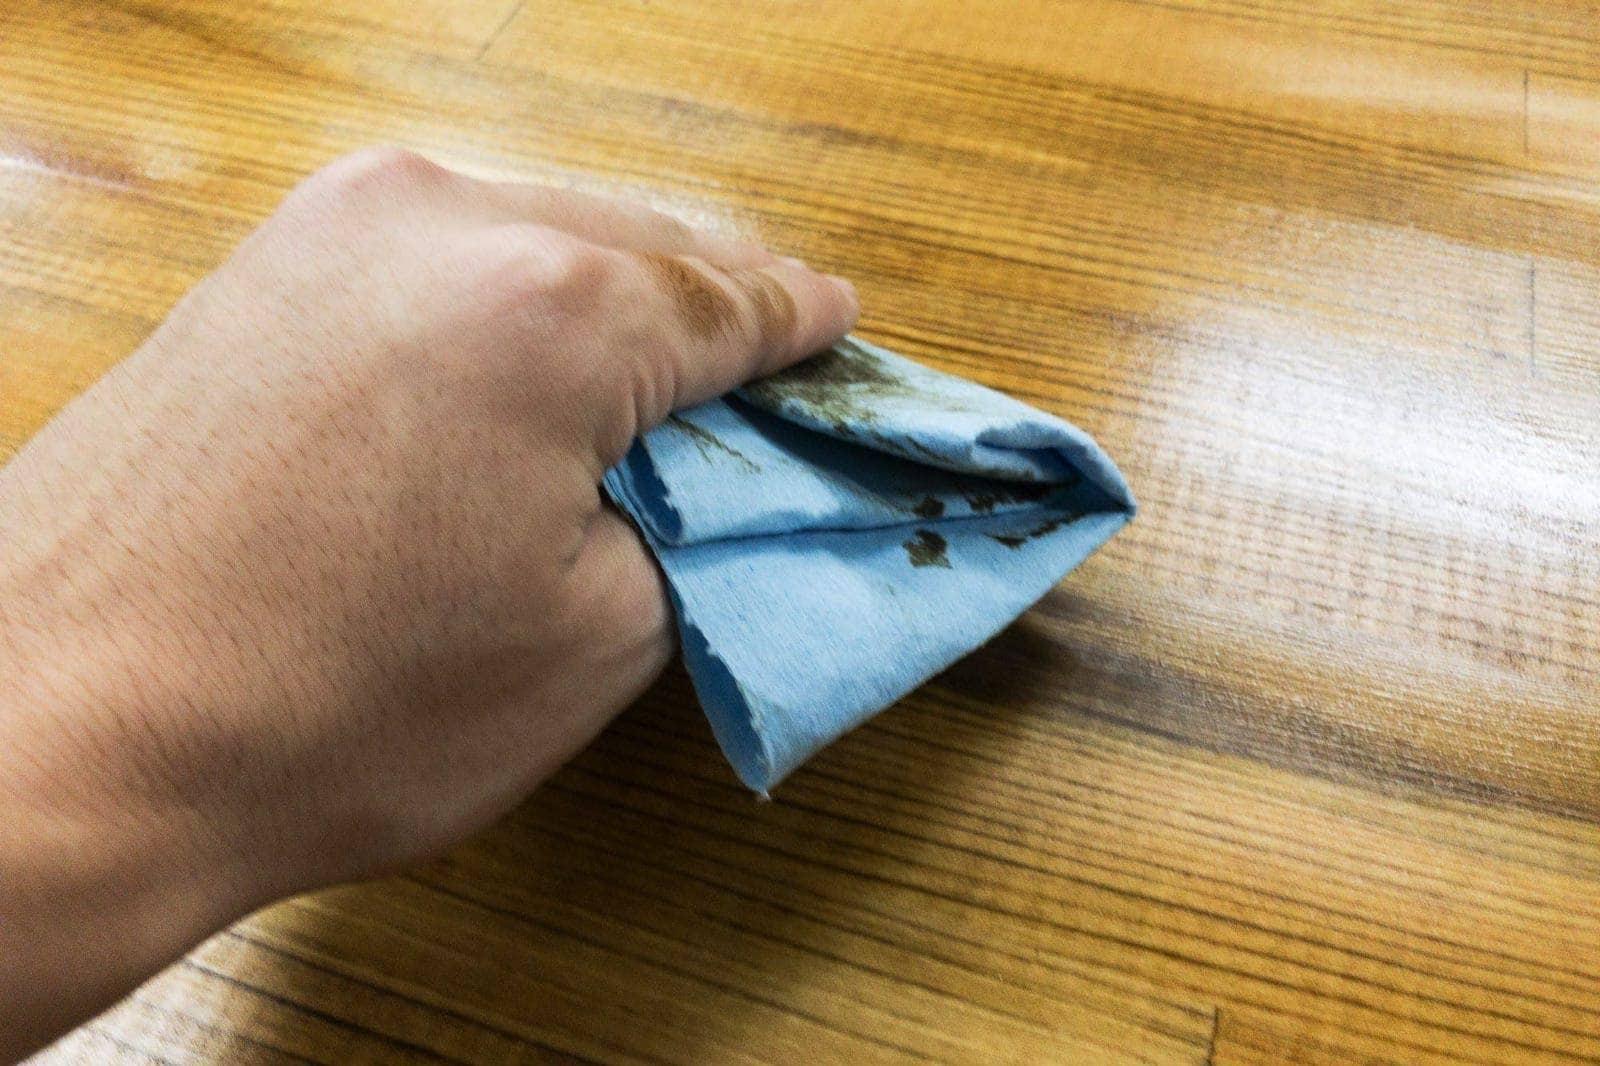 浮き出たオイルは拭き取る